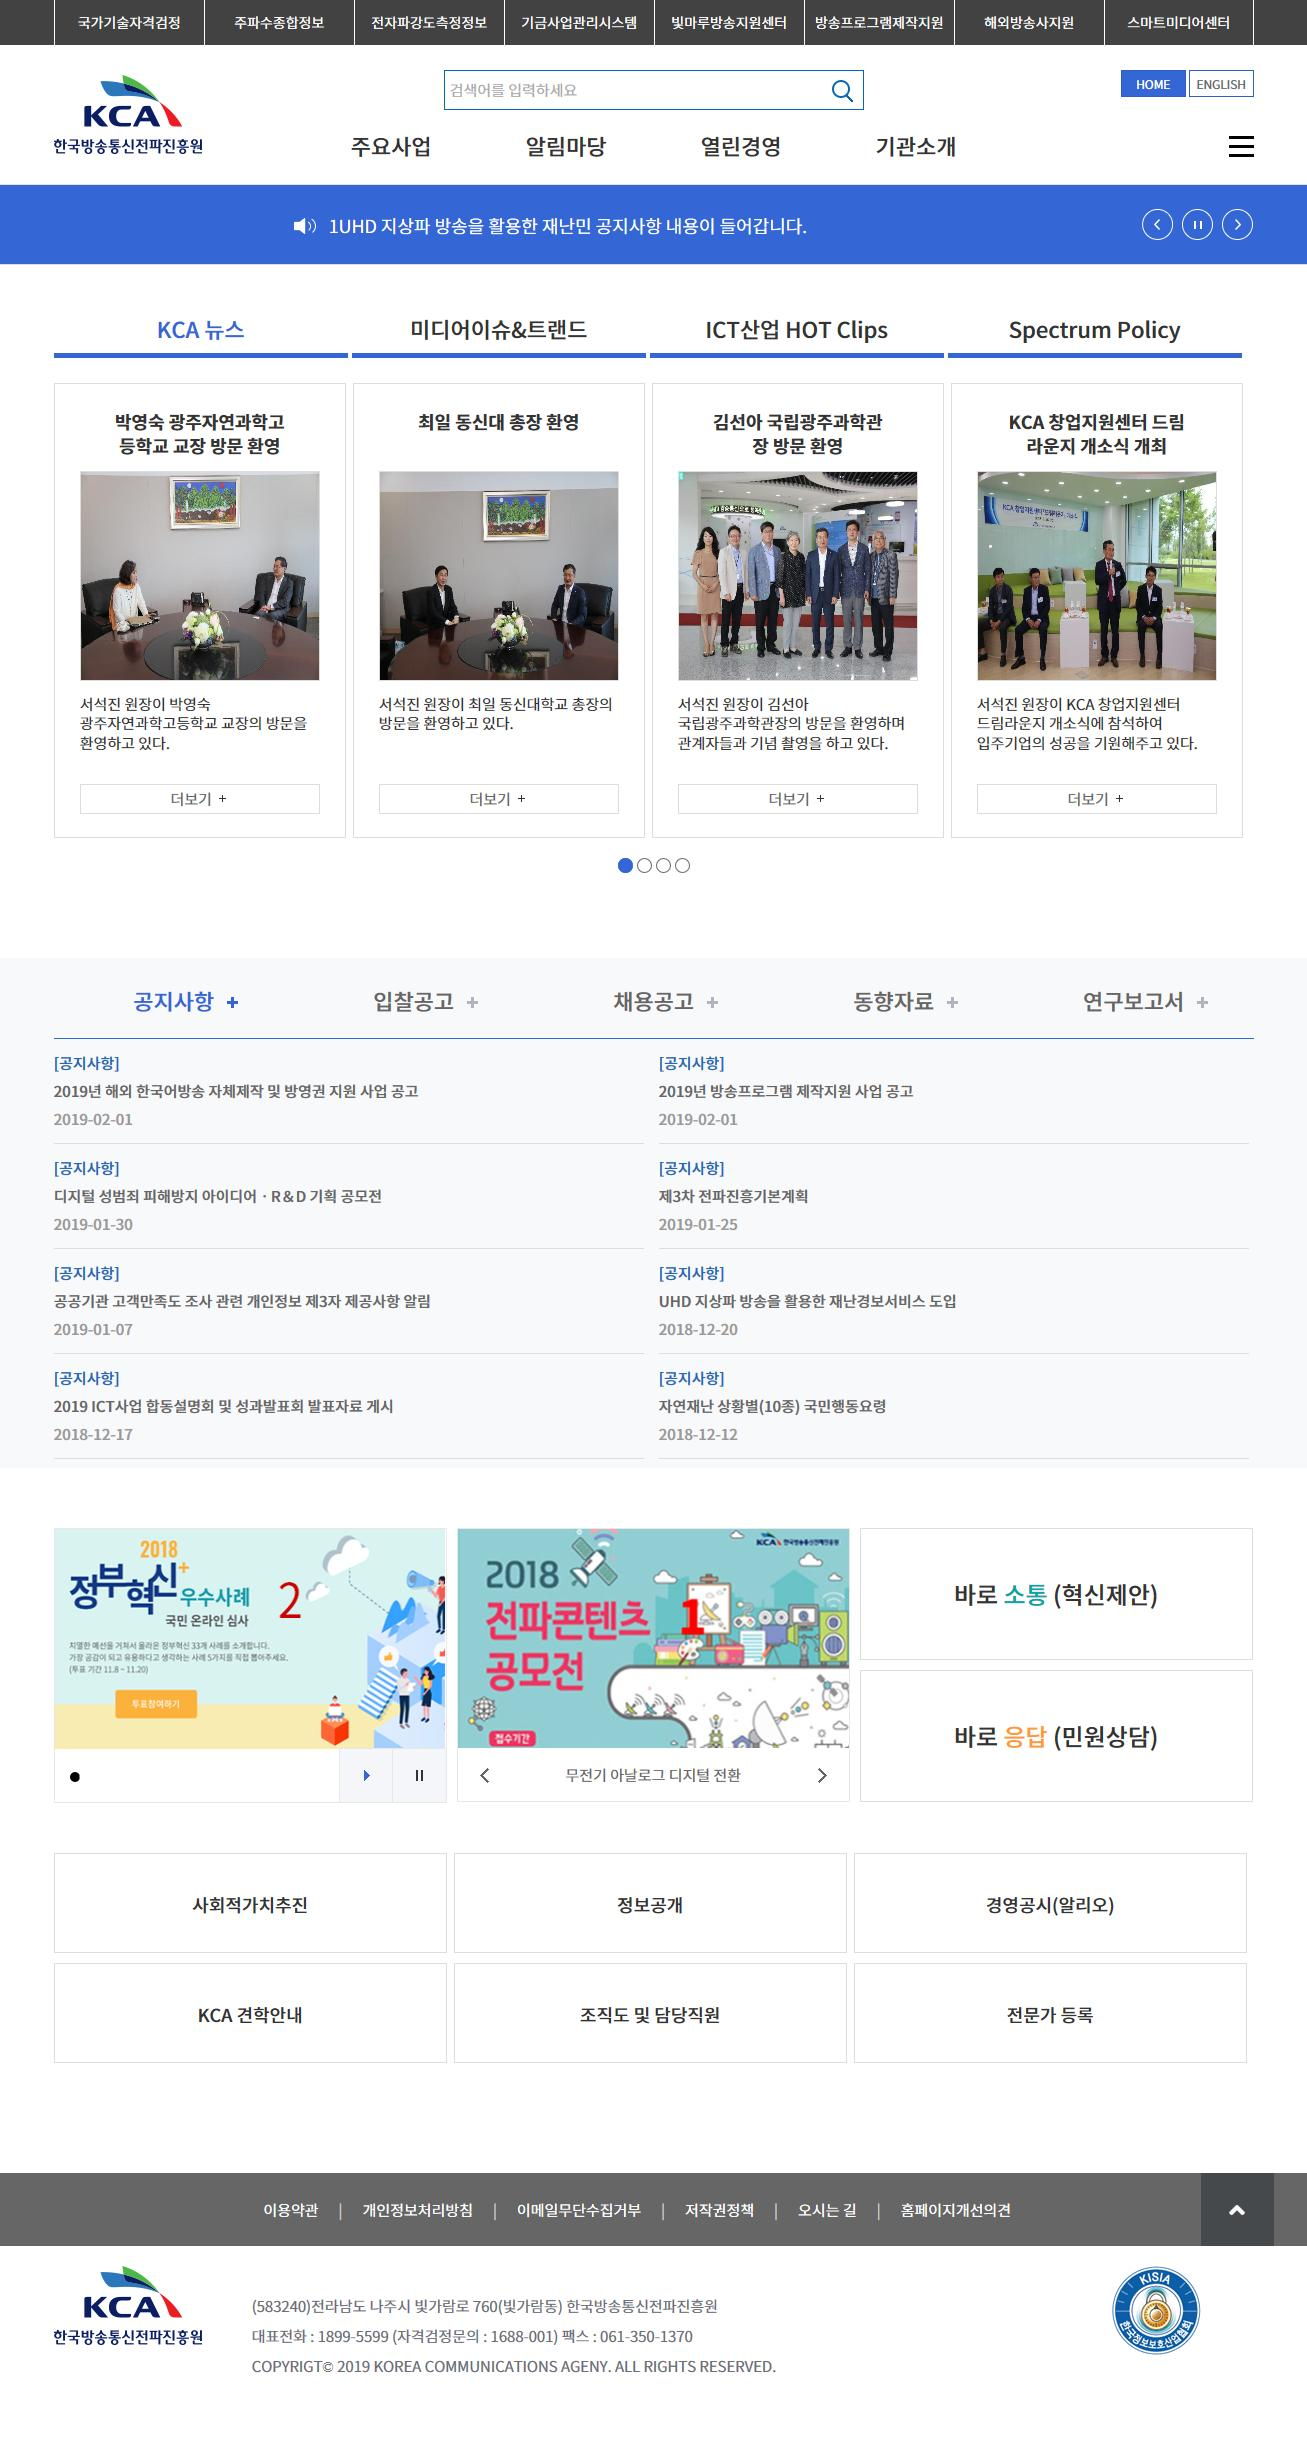 2018 대표 홈페이지, 전문가 인력풀 시스템 개편 및 클라우드 전환 사업 / 한국방송통신전파진흥원